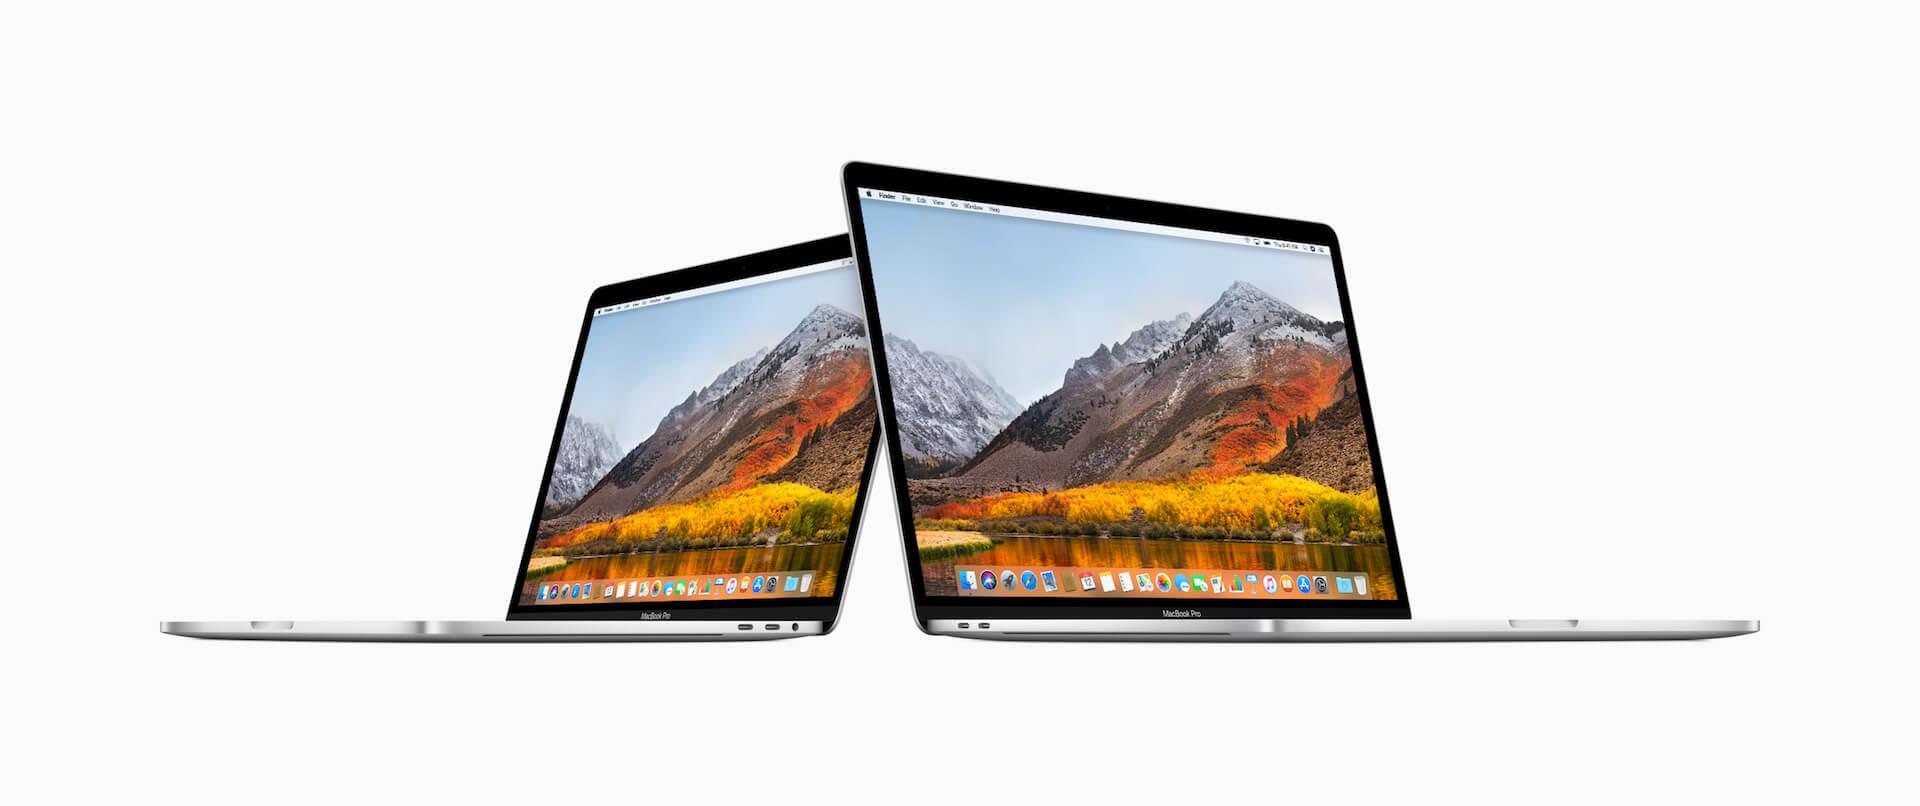 Apple、ミニLEDディスプレイを搭載した6種のデバイスを今年〜2021年中に発表か|14.1インチMacBook Proも登場? tech200304_apple_miniled_1